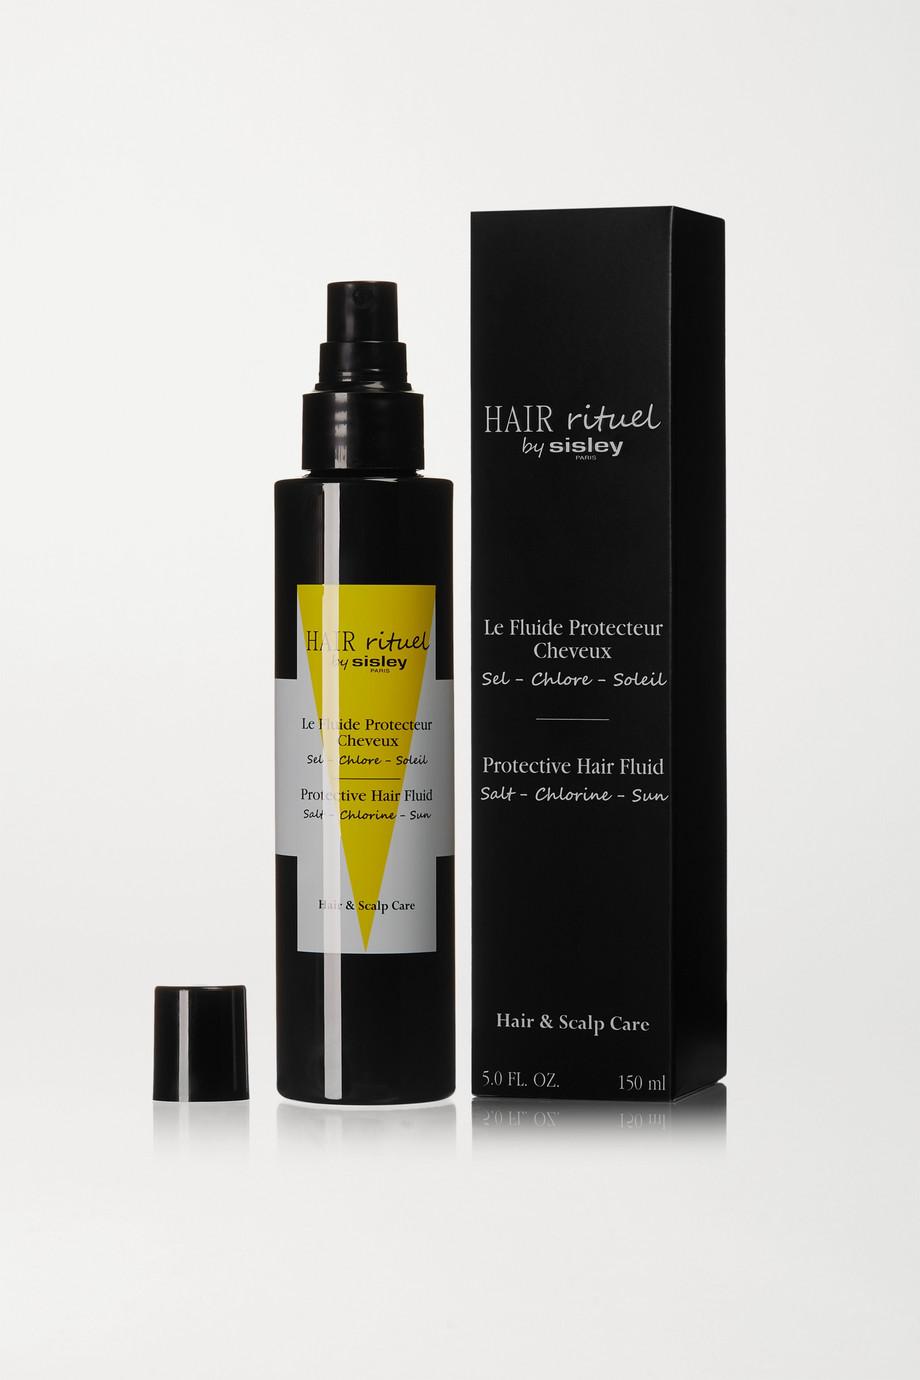 HAIR rituel by Sisley Protective Hair Fluid, 150ml